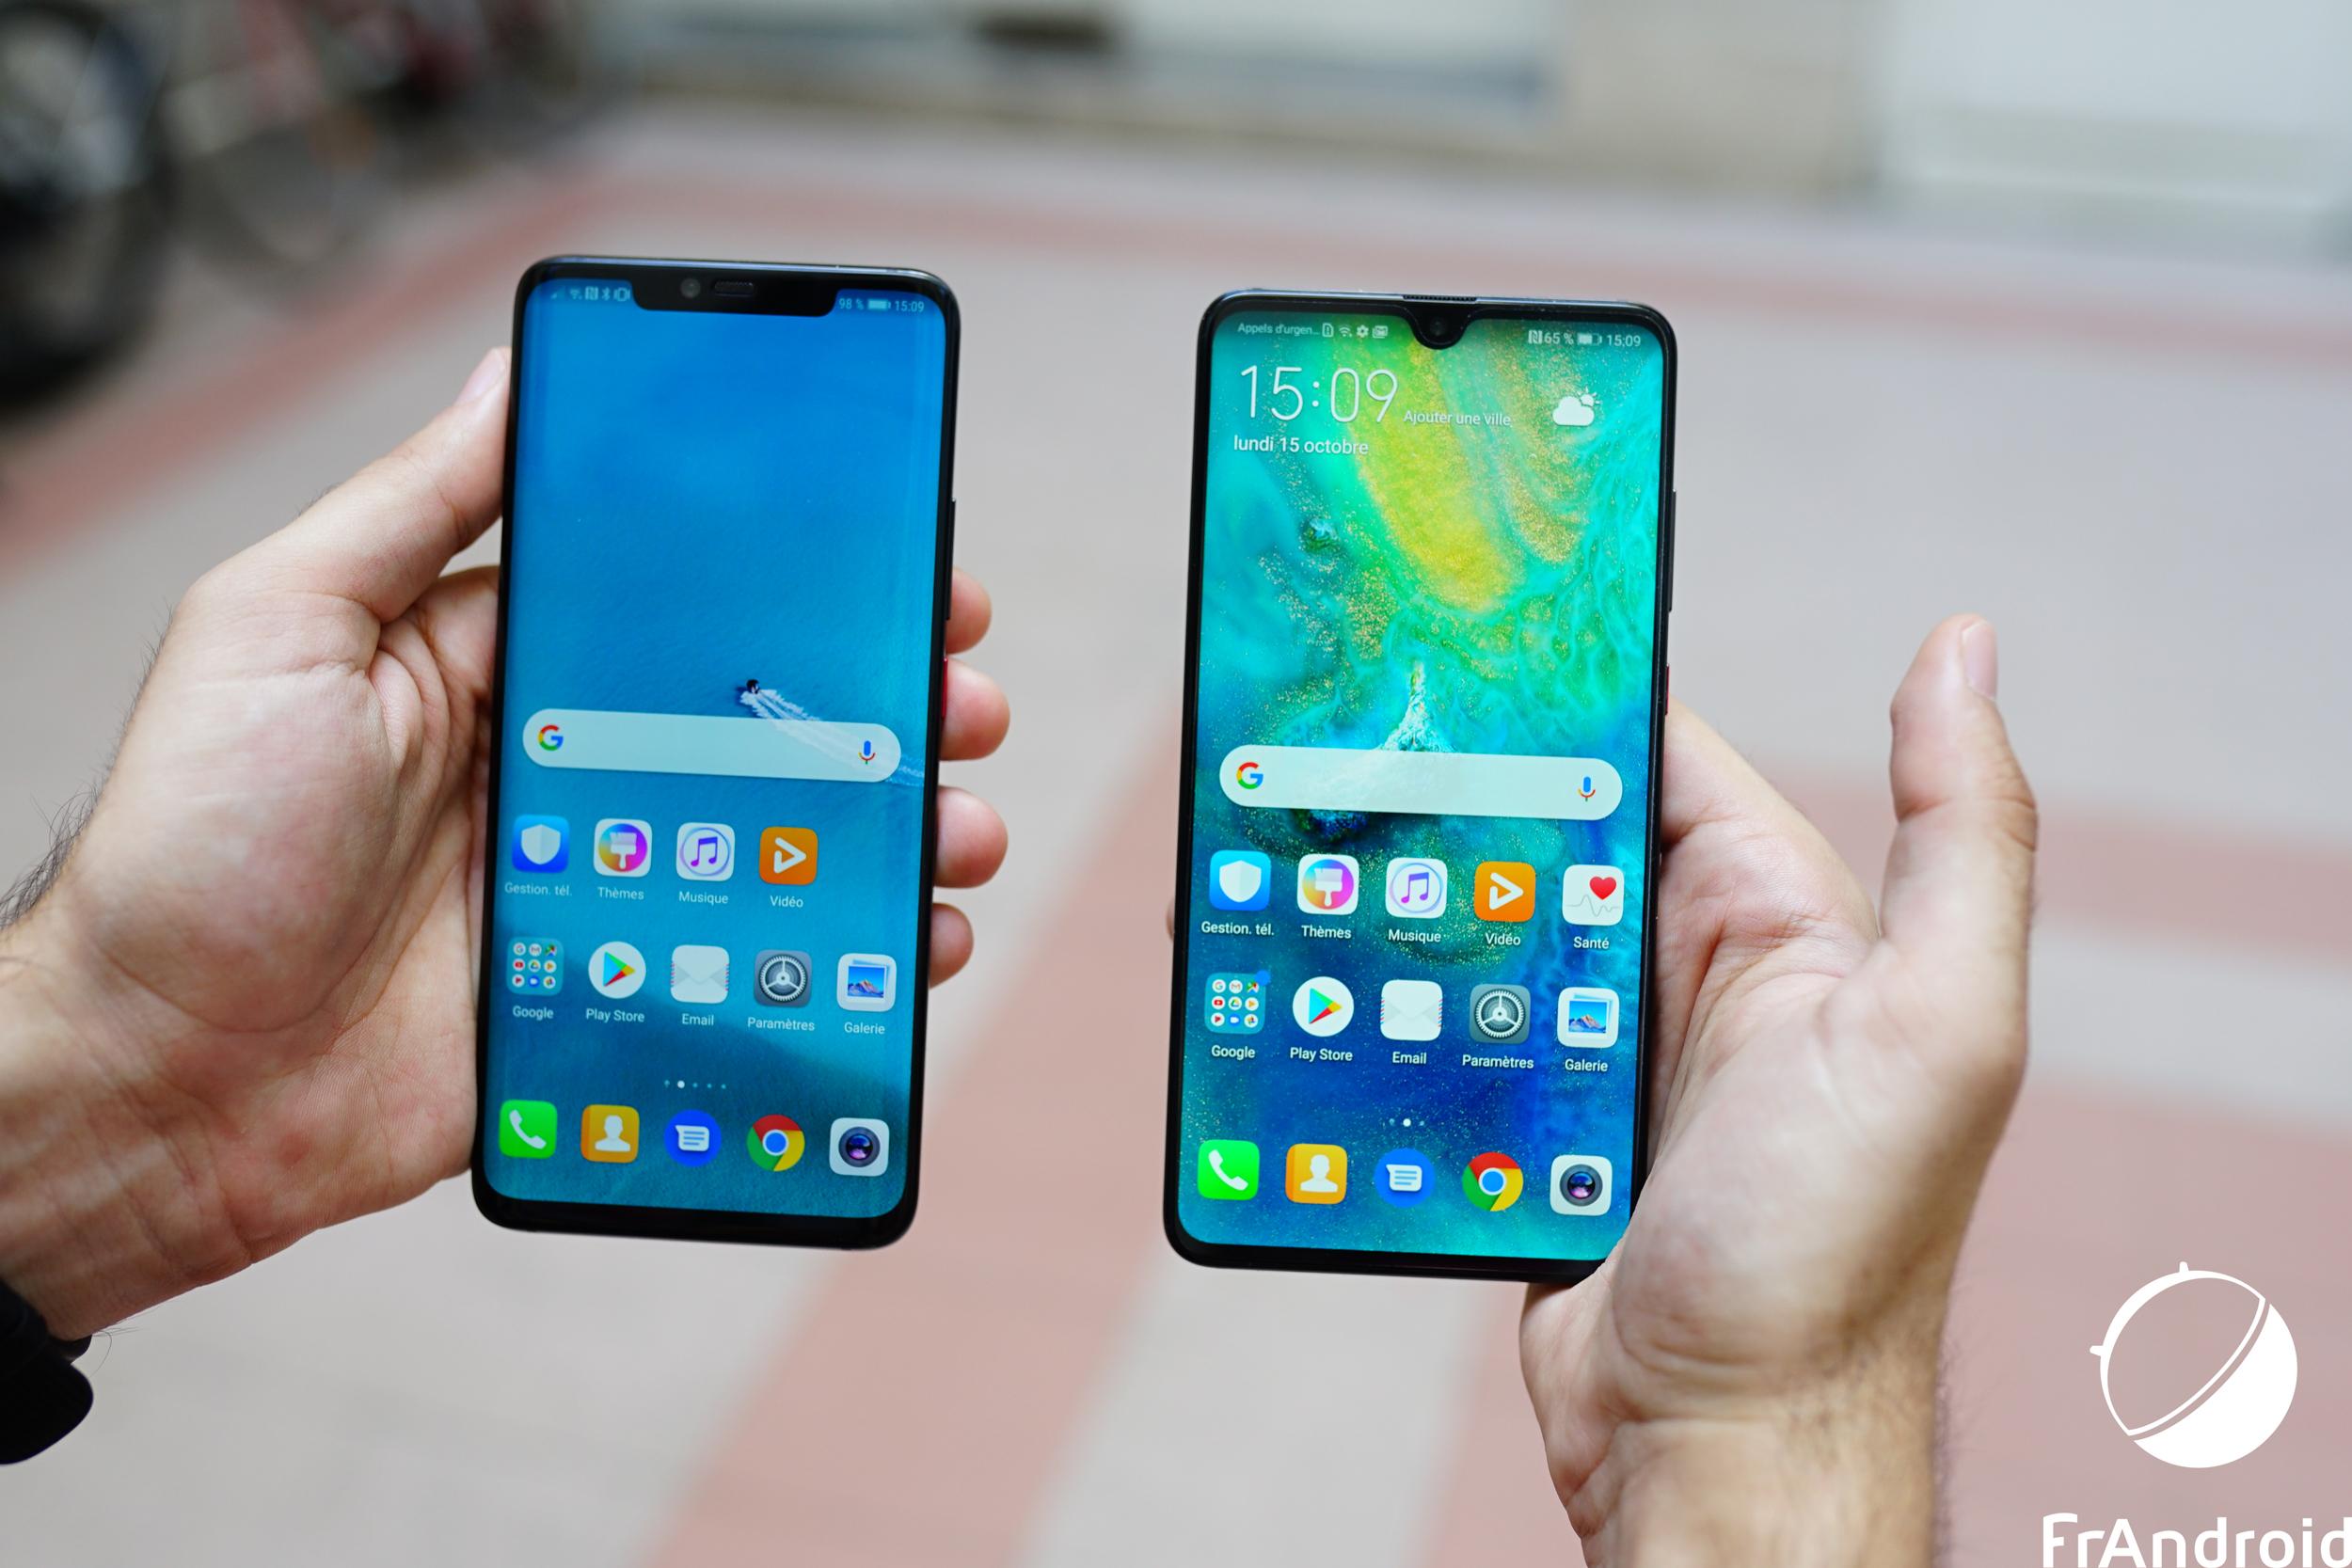 eb4475b77f8d En 2017, pour la première fois de son histoire, Huawei s emparait de la  place de numéro 2 mondial, surpassant ainsi Apple avec un plus grand nombre  de parts ...